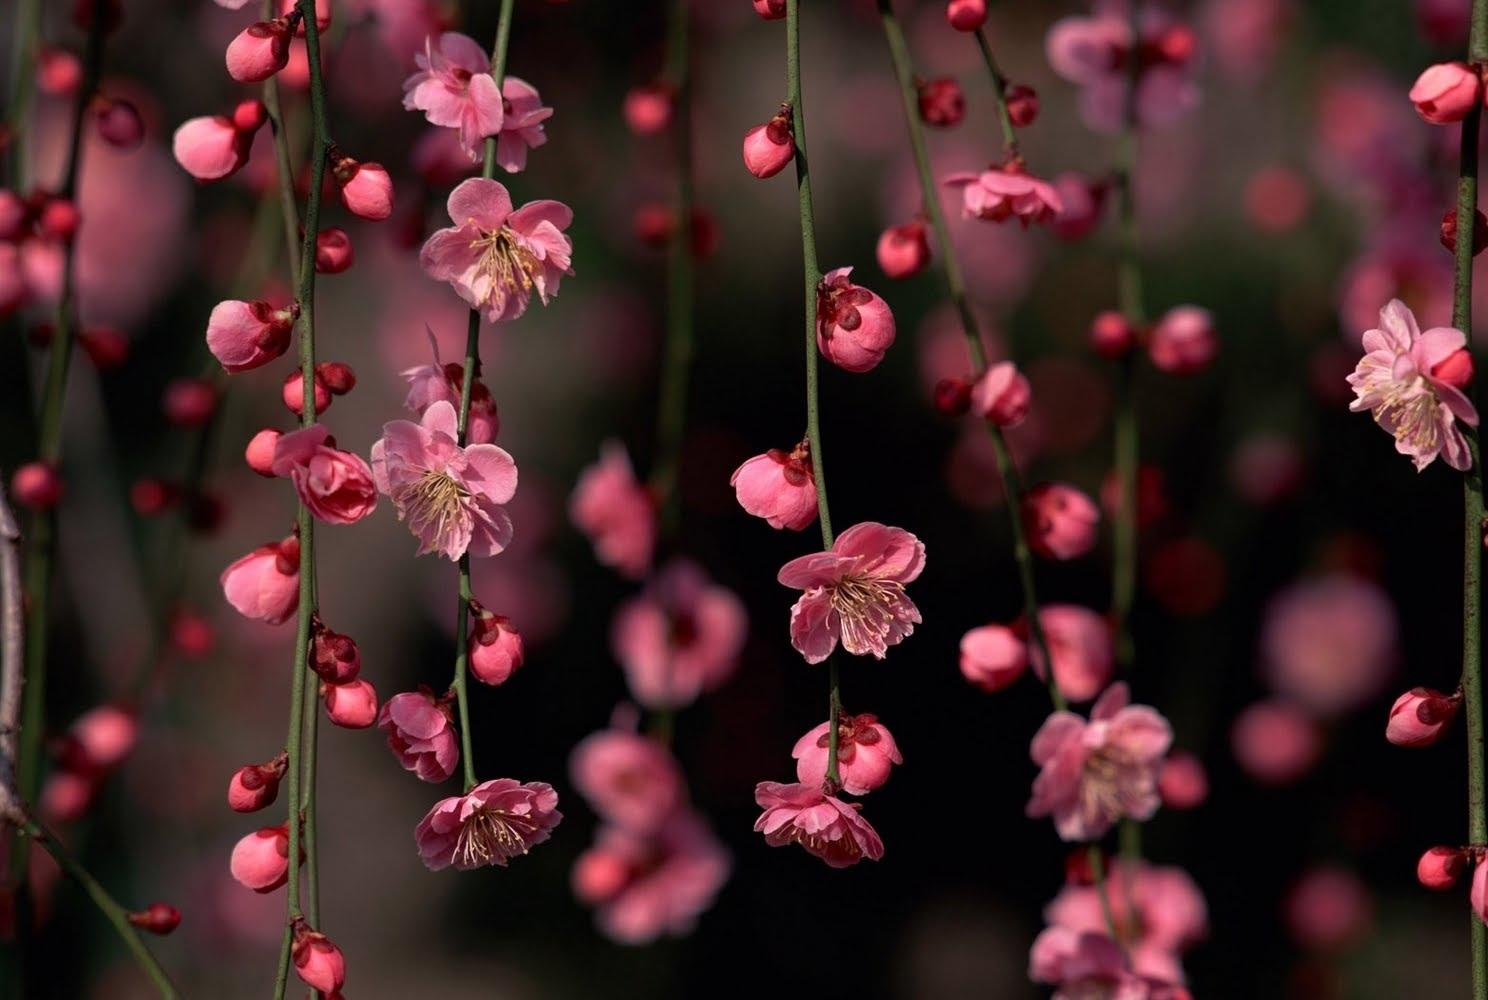 بالصور صور ورد خلفيات , اجمل اشكال وانواع الورود 3582 4